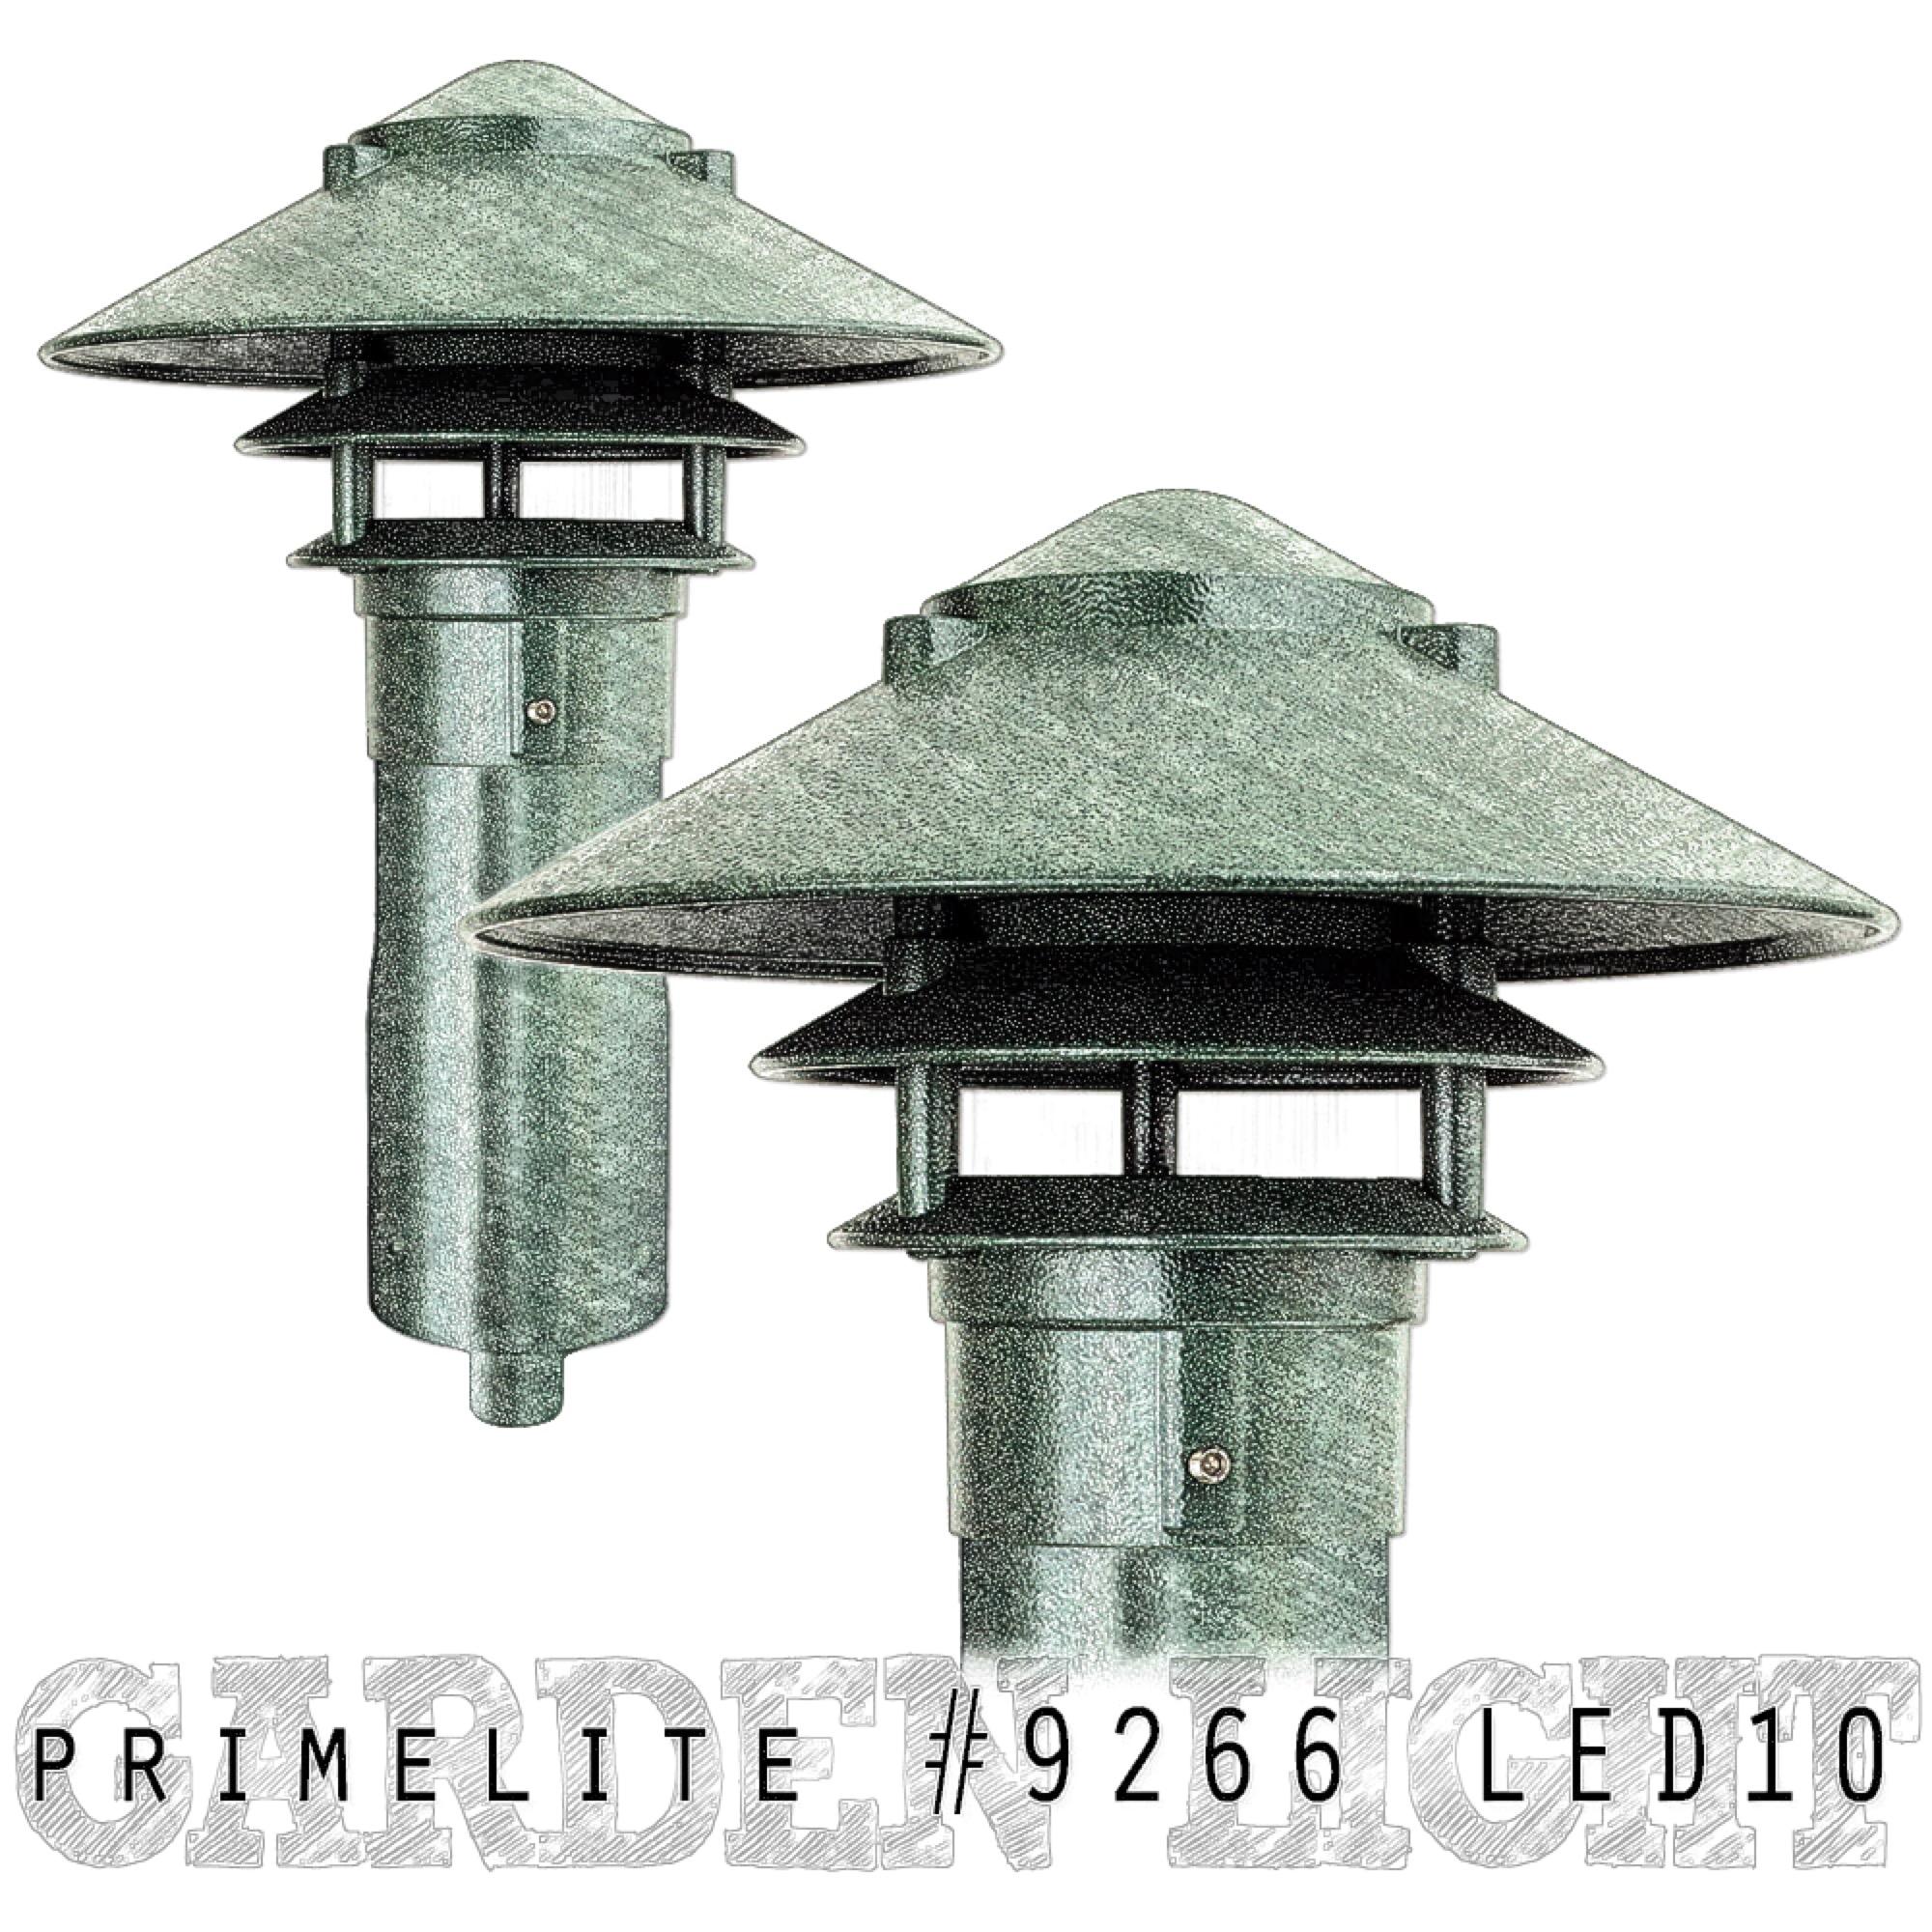 Primelite Mfg - Website, Blog & Social Media Graphic promoting LED Garden Light